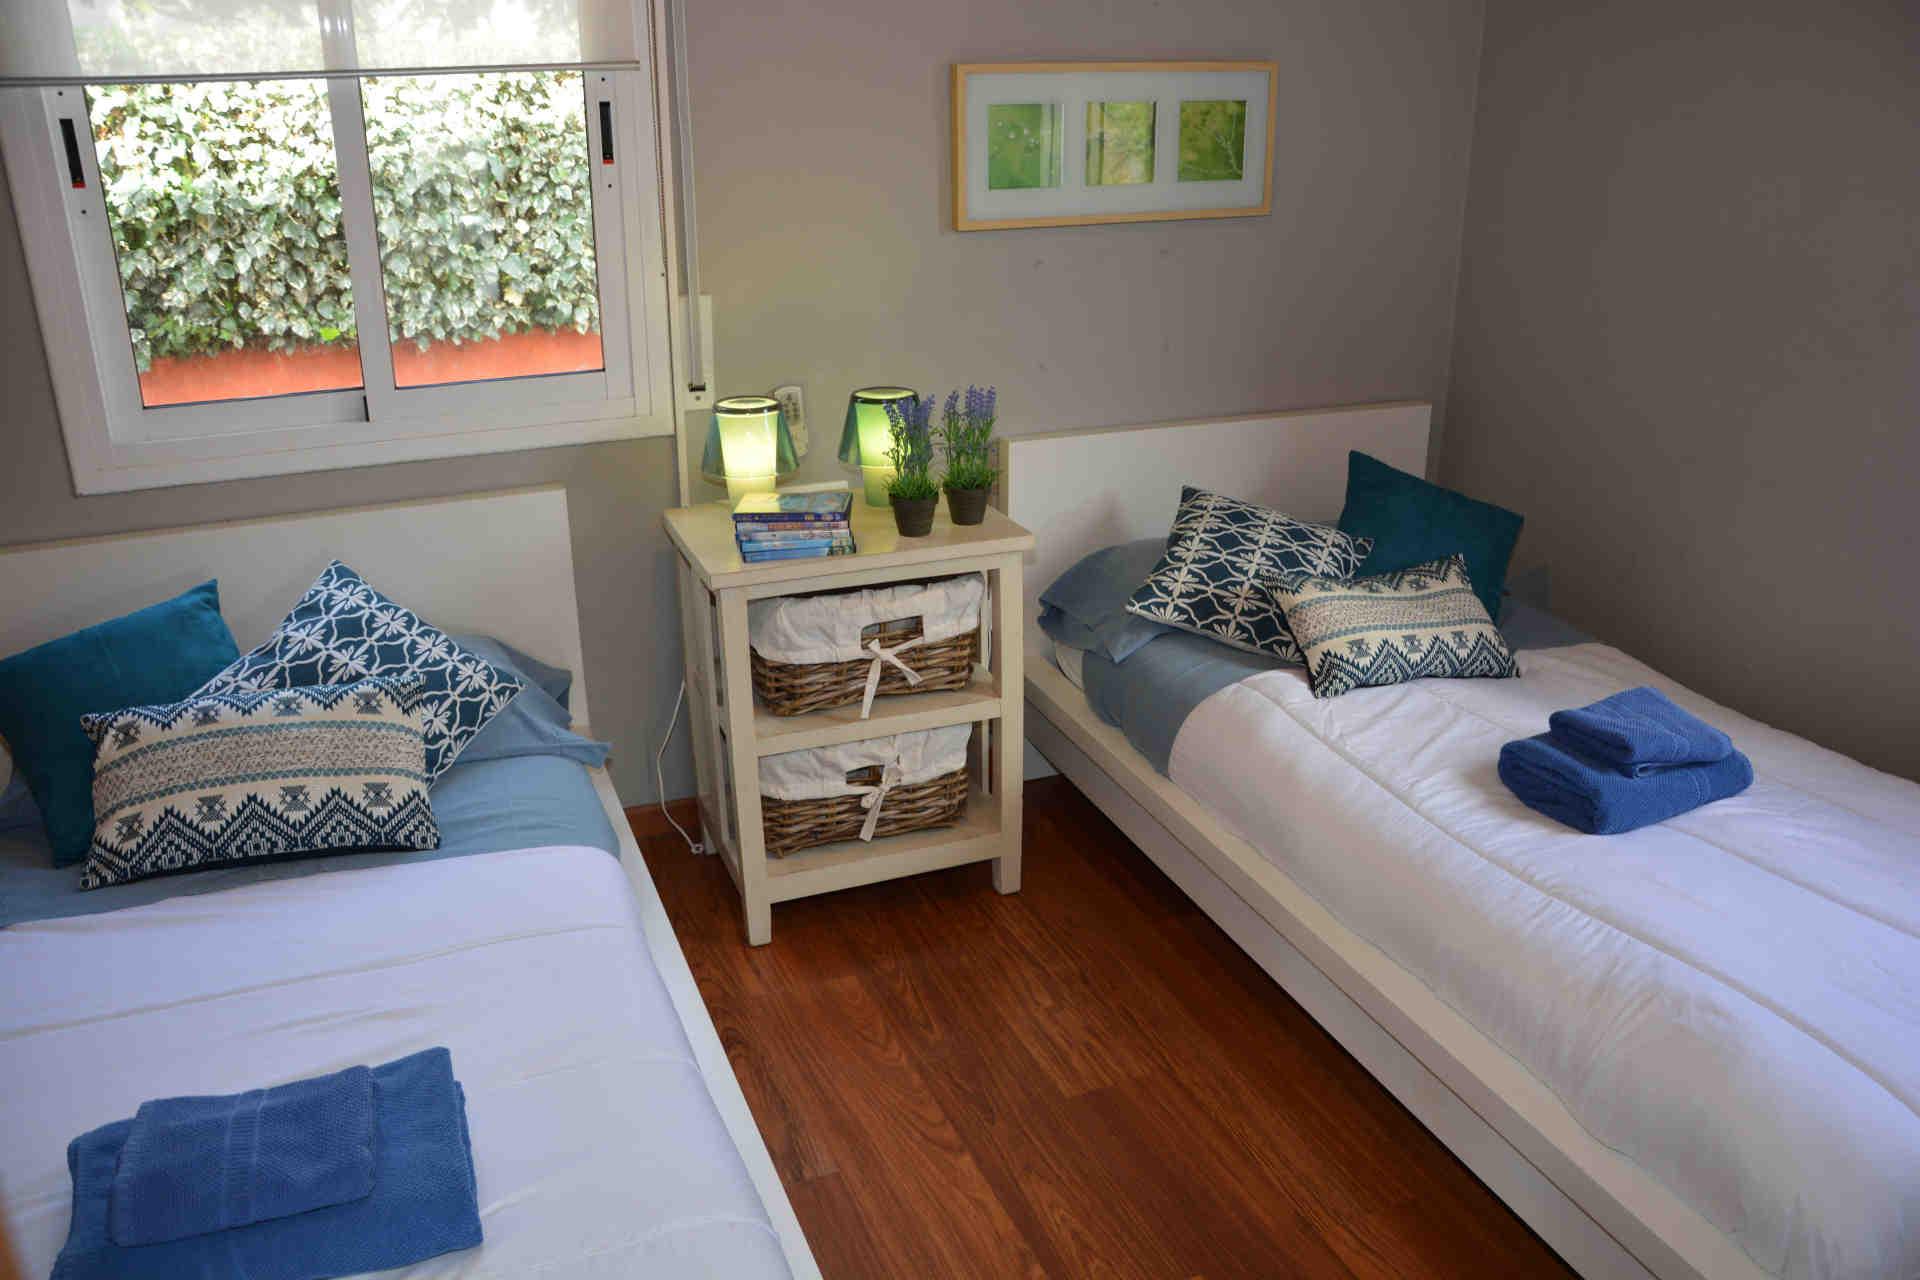 Segunda habitación doble en el chalet para vacaciones